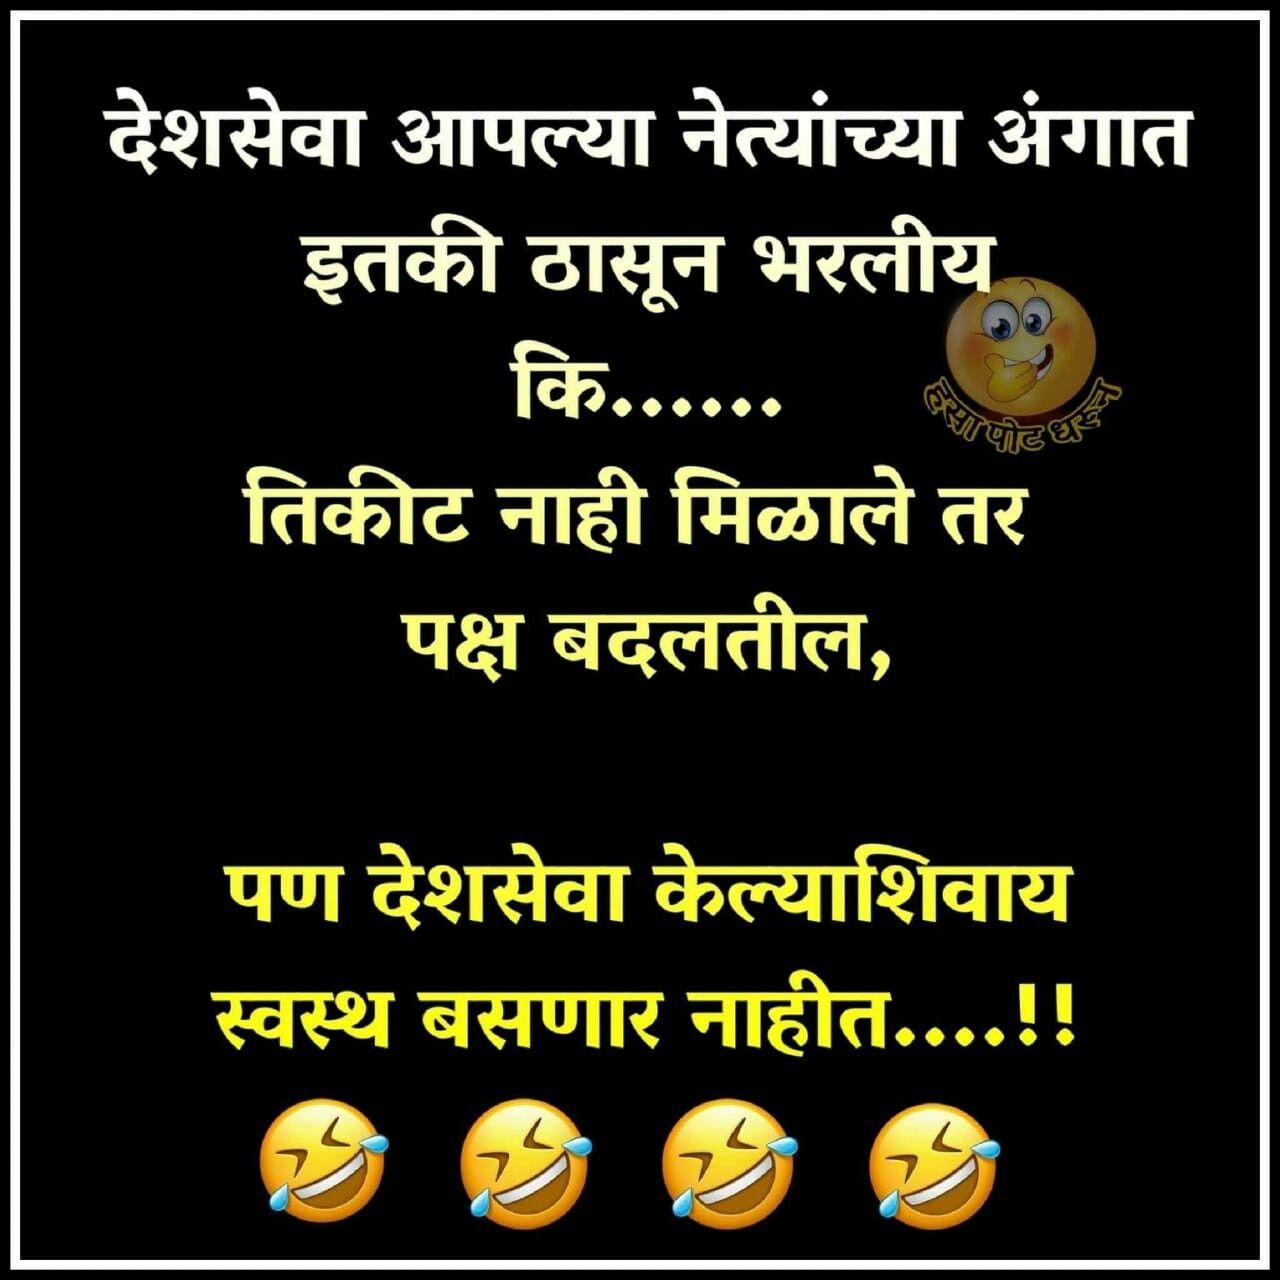 Pin by appa jadhav on Maharashatra Life facts, Funny